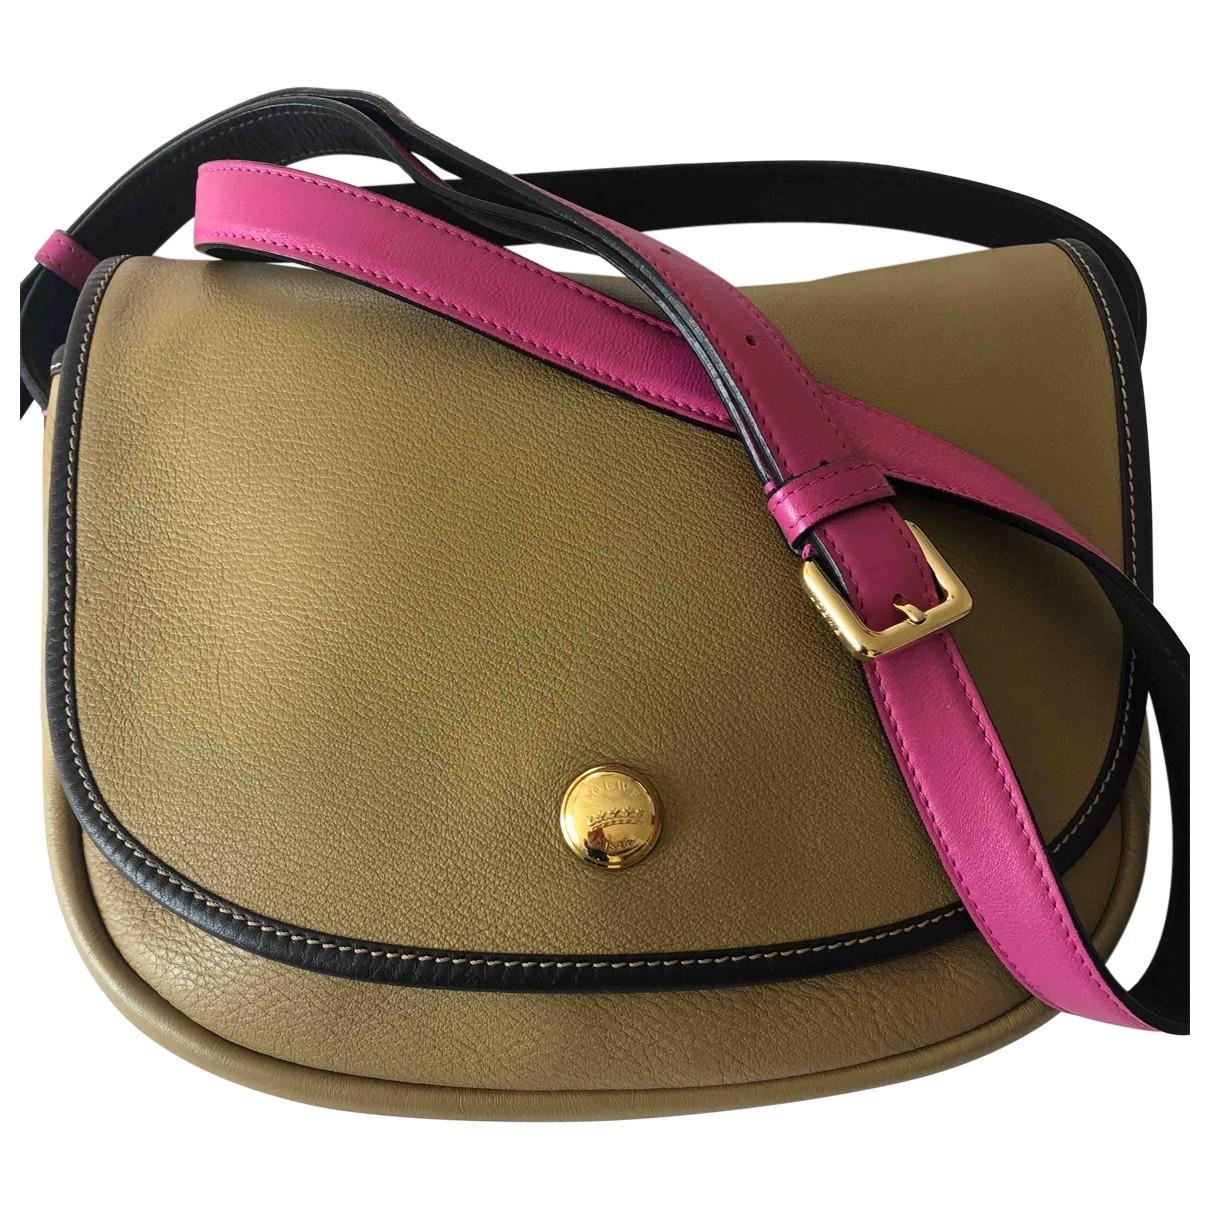 Loewe \N Handtasche in  Beige Leder